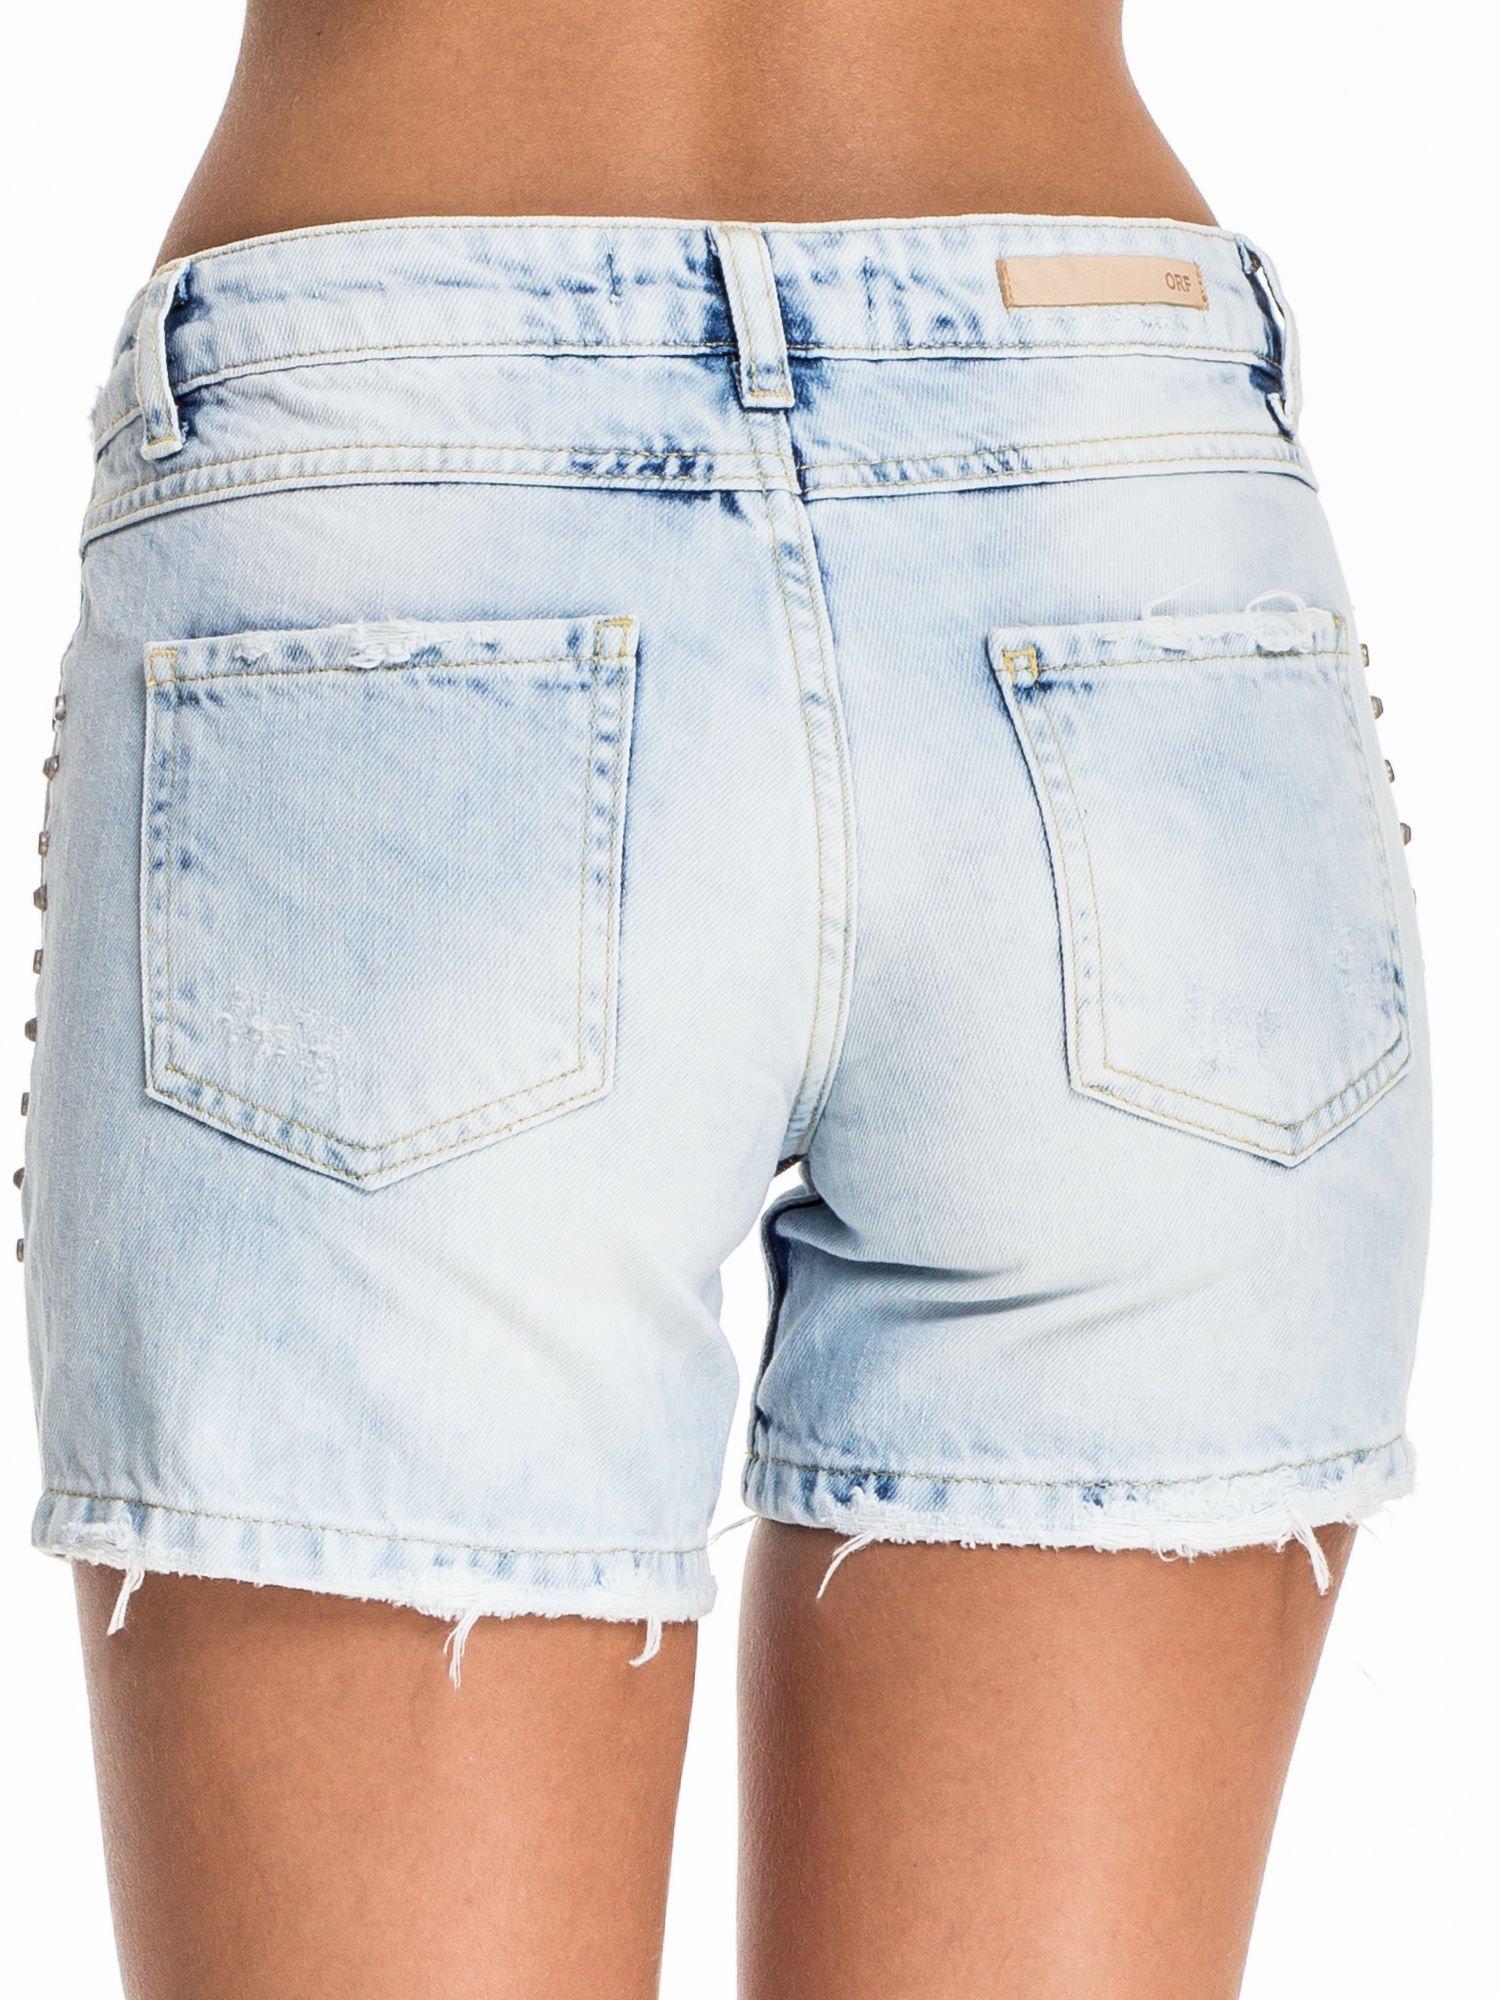 Błękitne jeansowe szorty z dżetami                                  zdj.                                  2